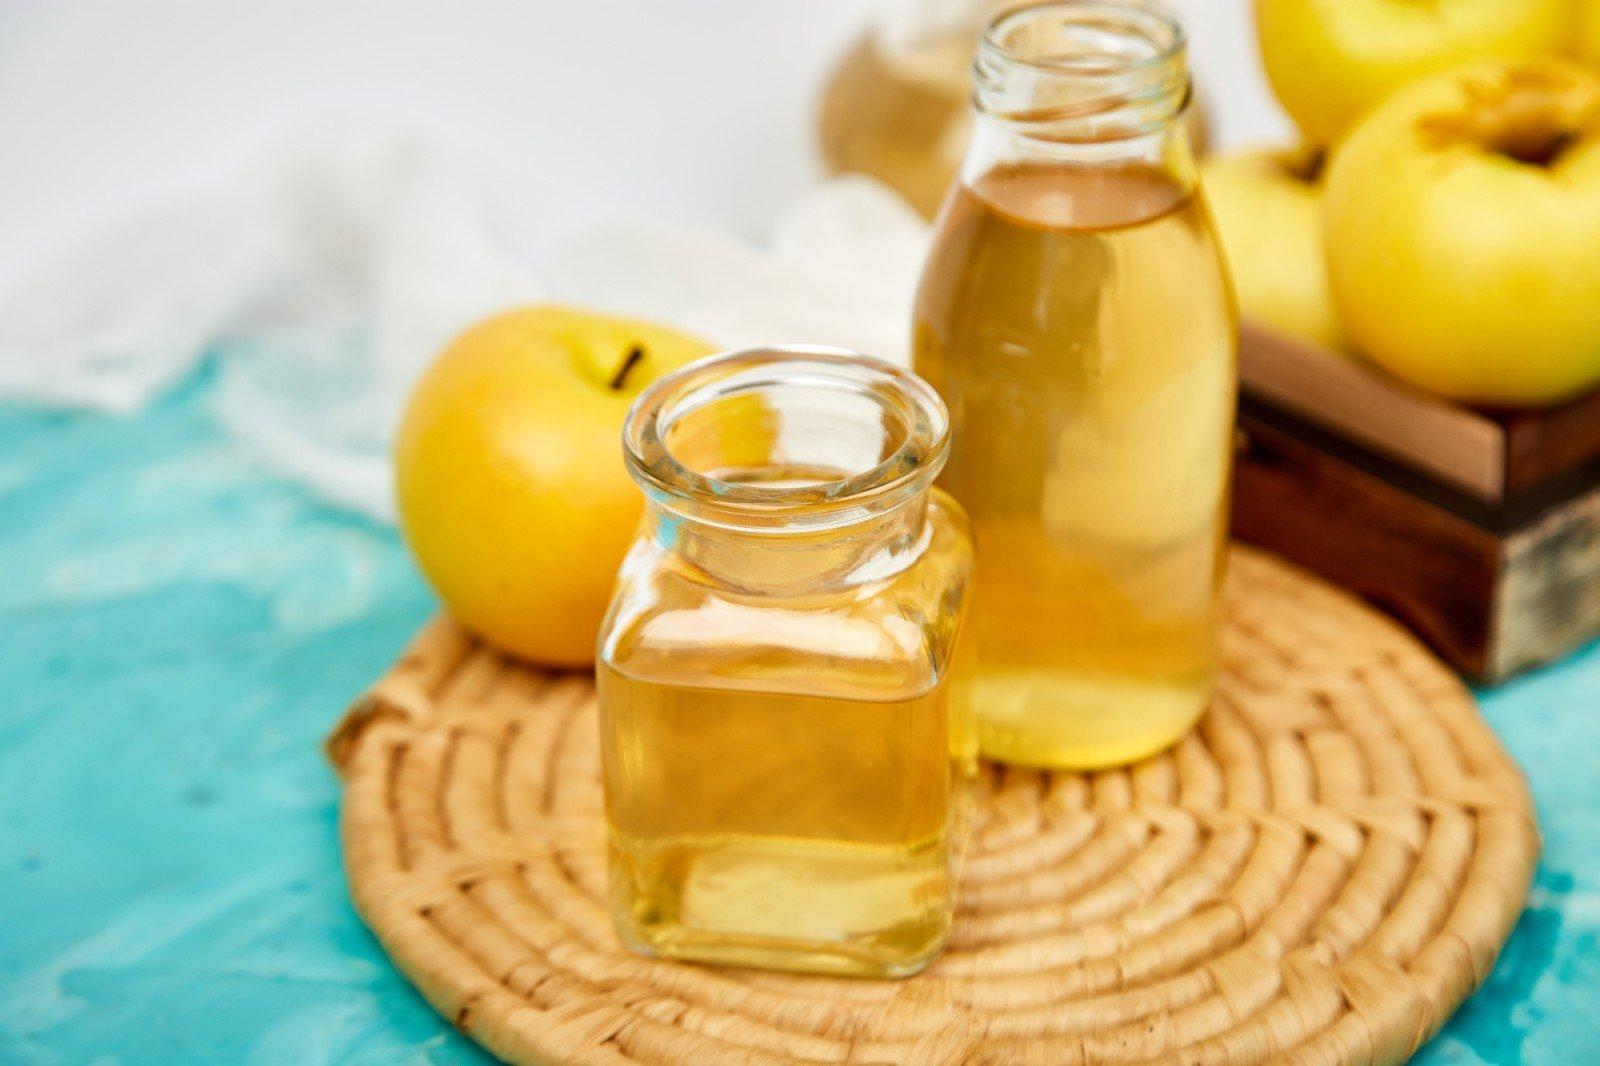 Яблочный эликсир: готовим полезный уксус своими руками